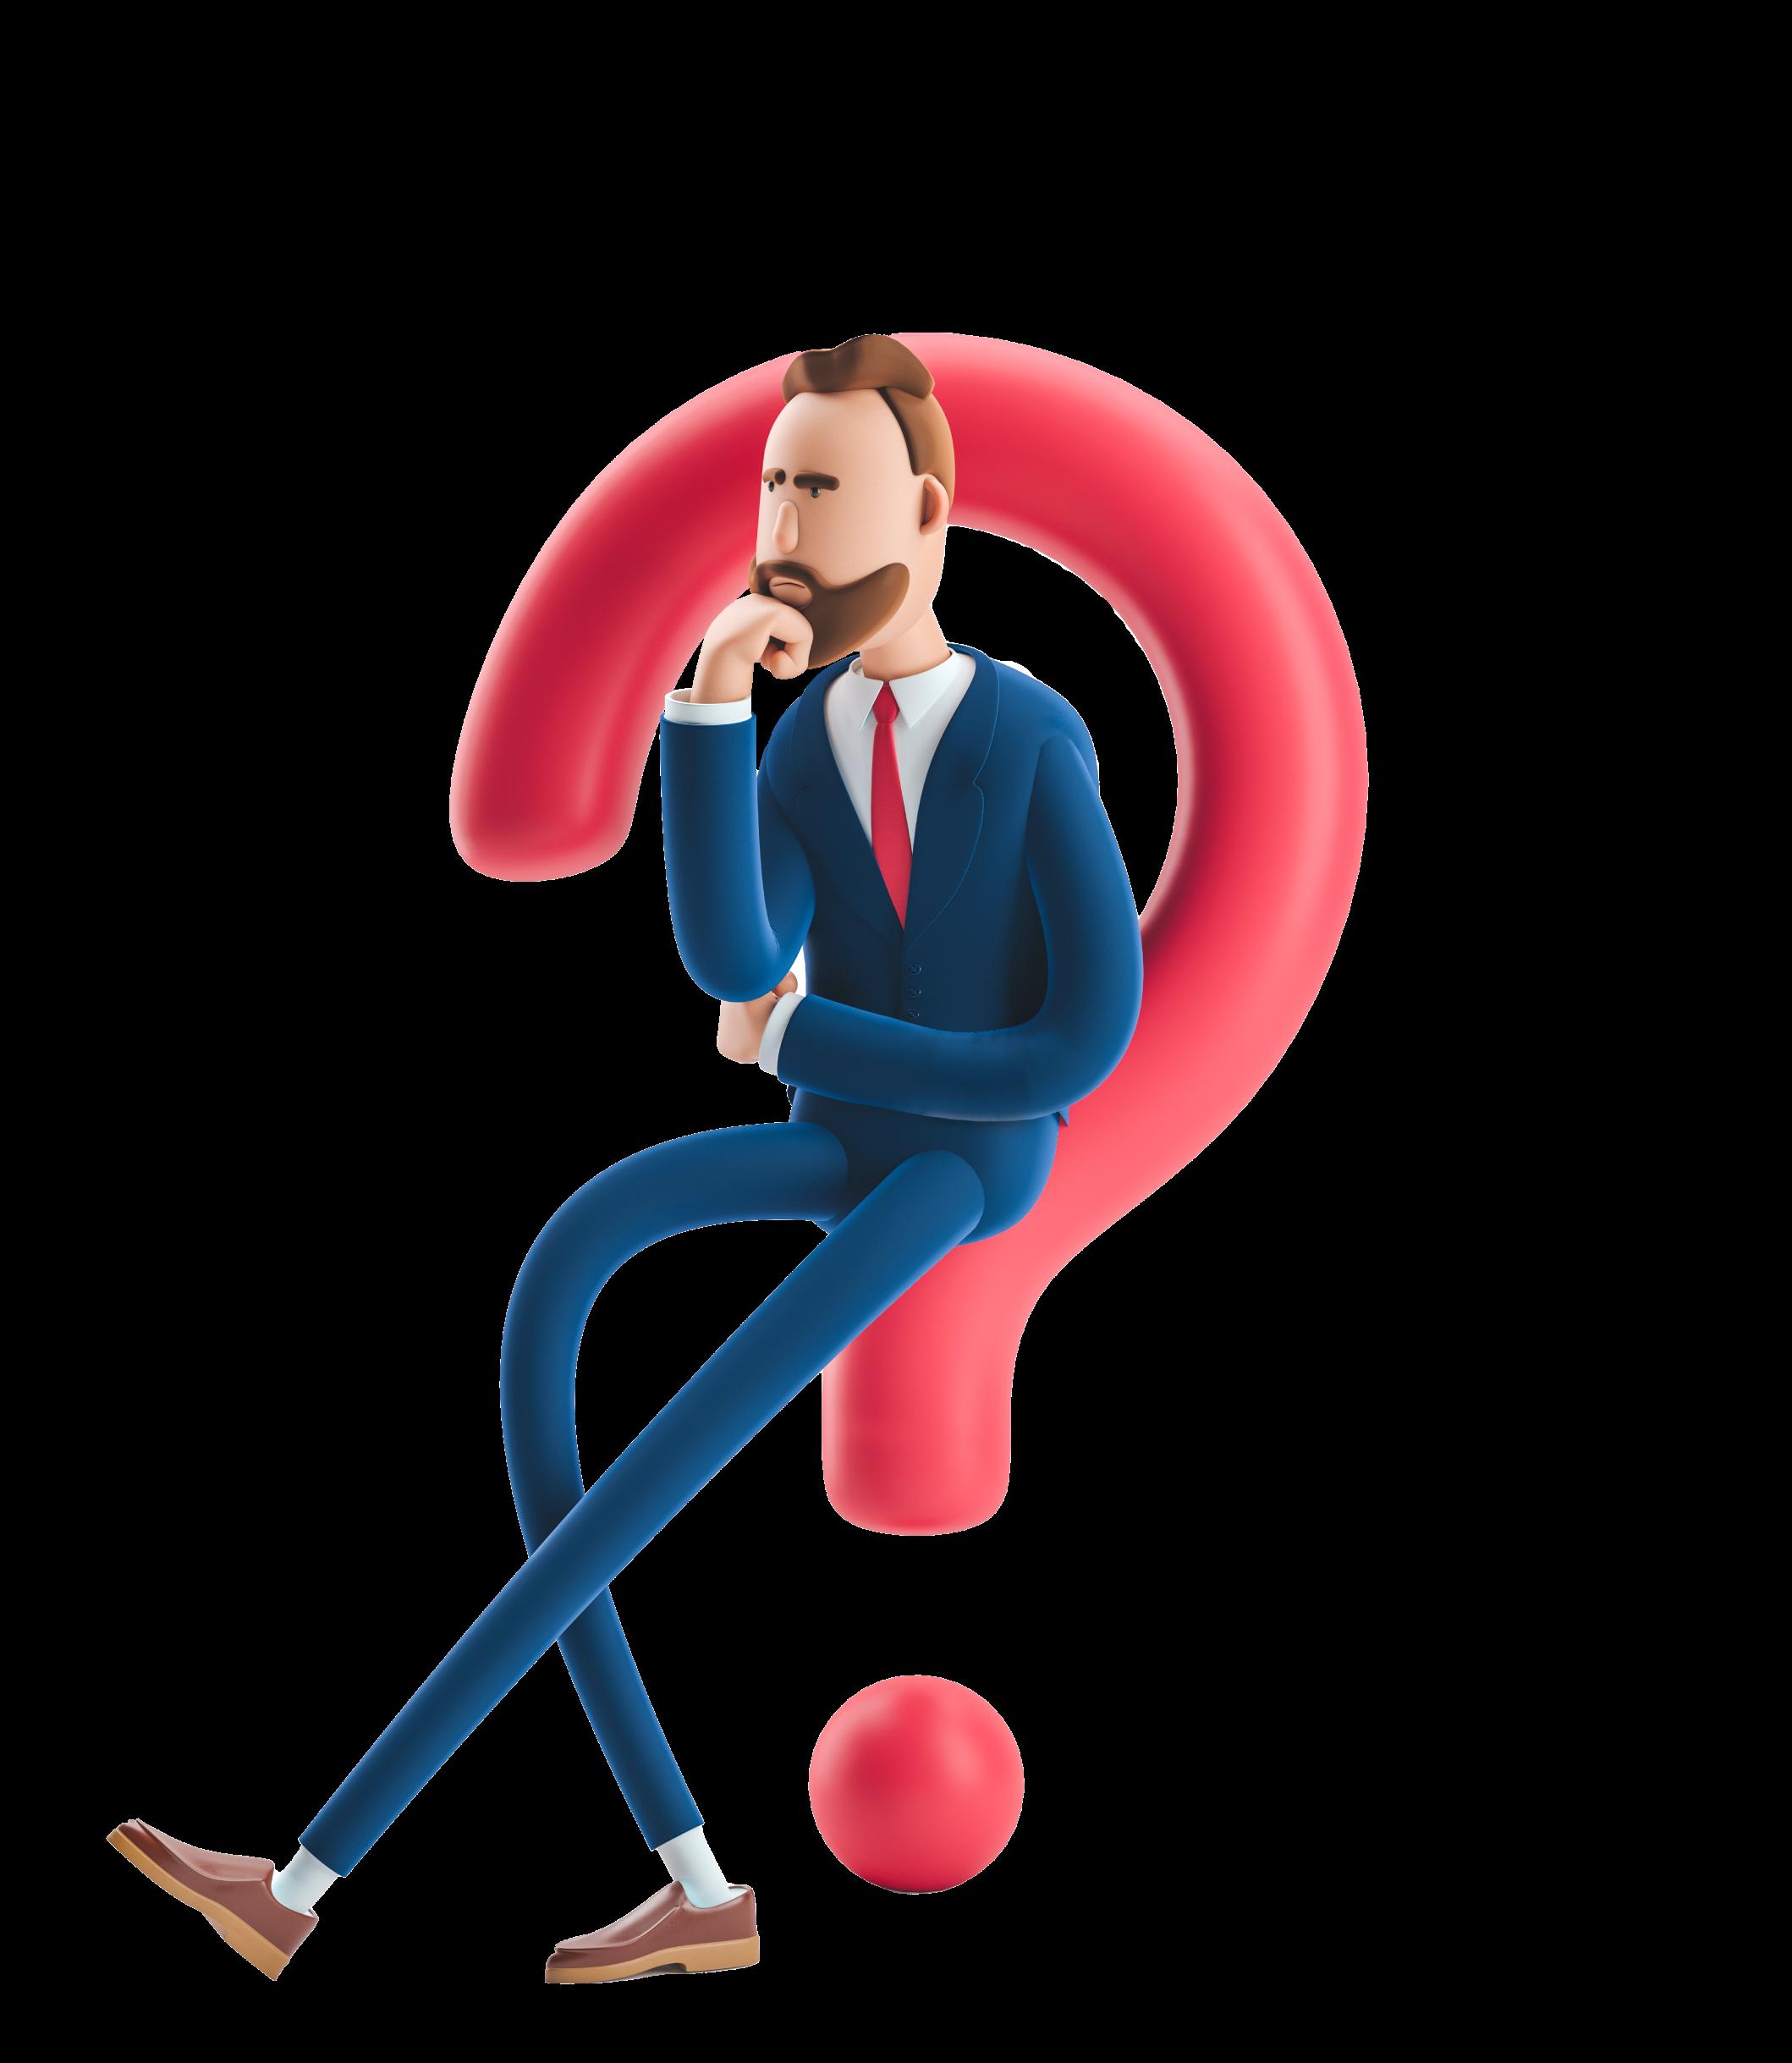 ilustracion en 3d de hombre sentado sobre signo de interrogacion